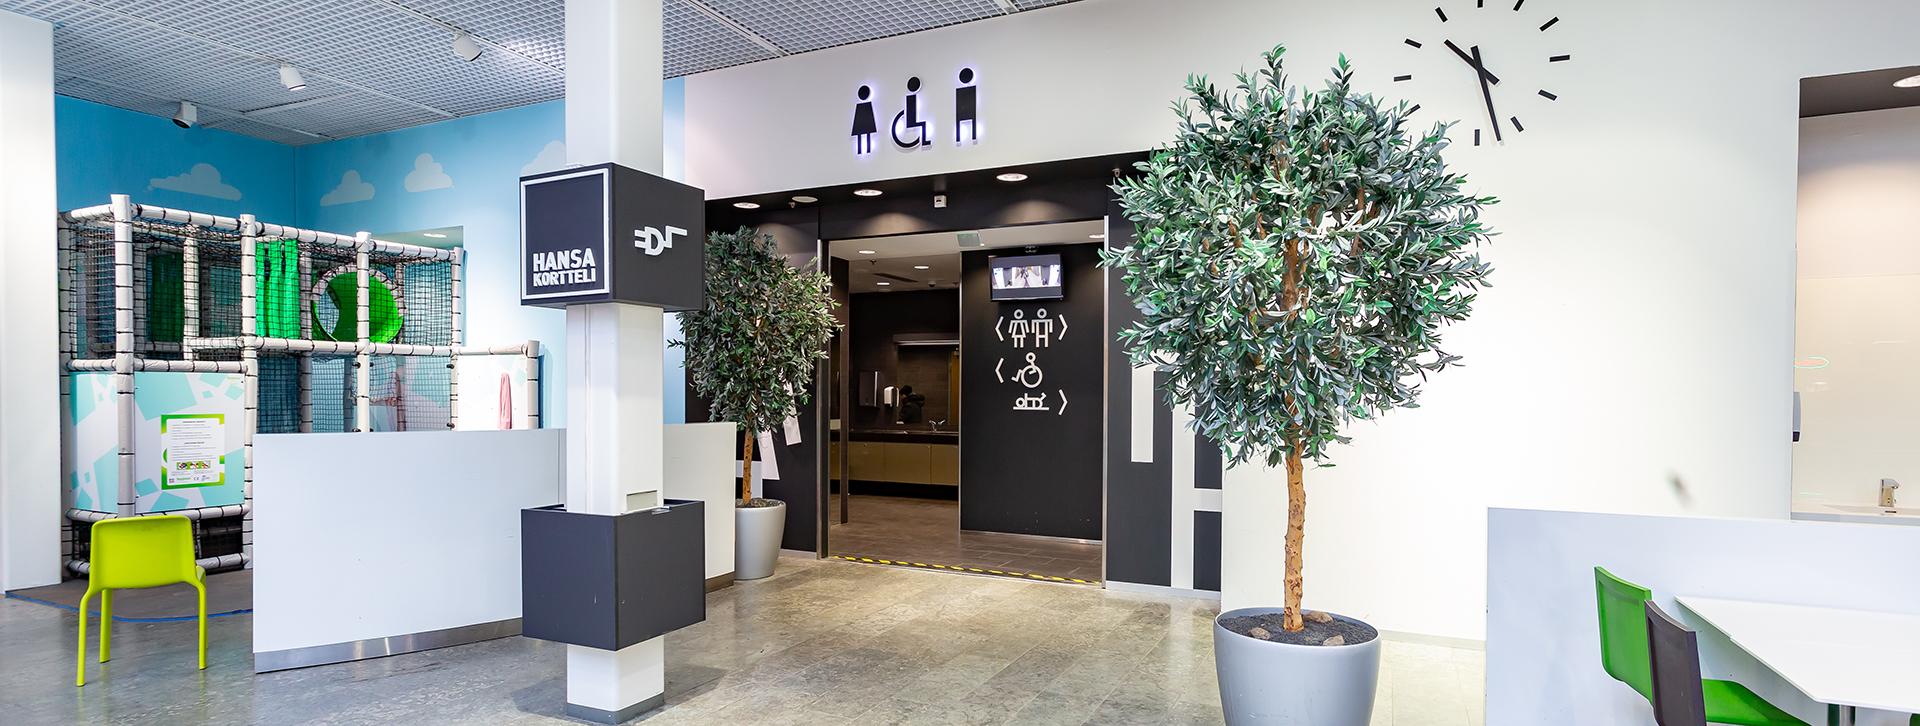 wc-kultatalo